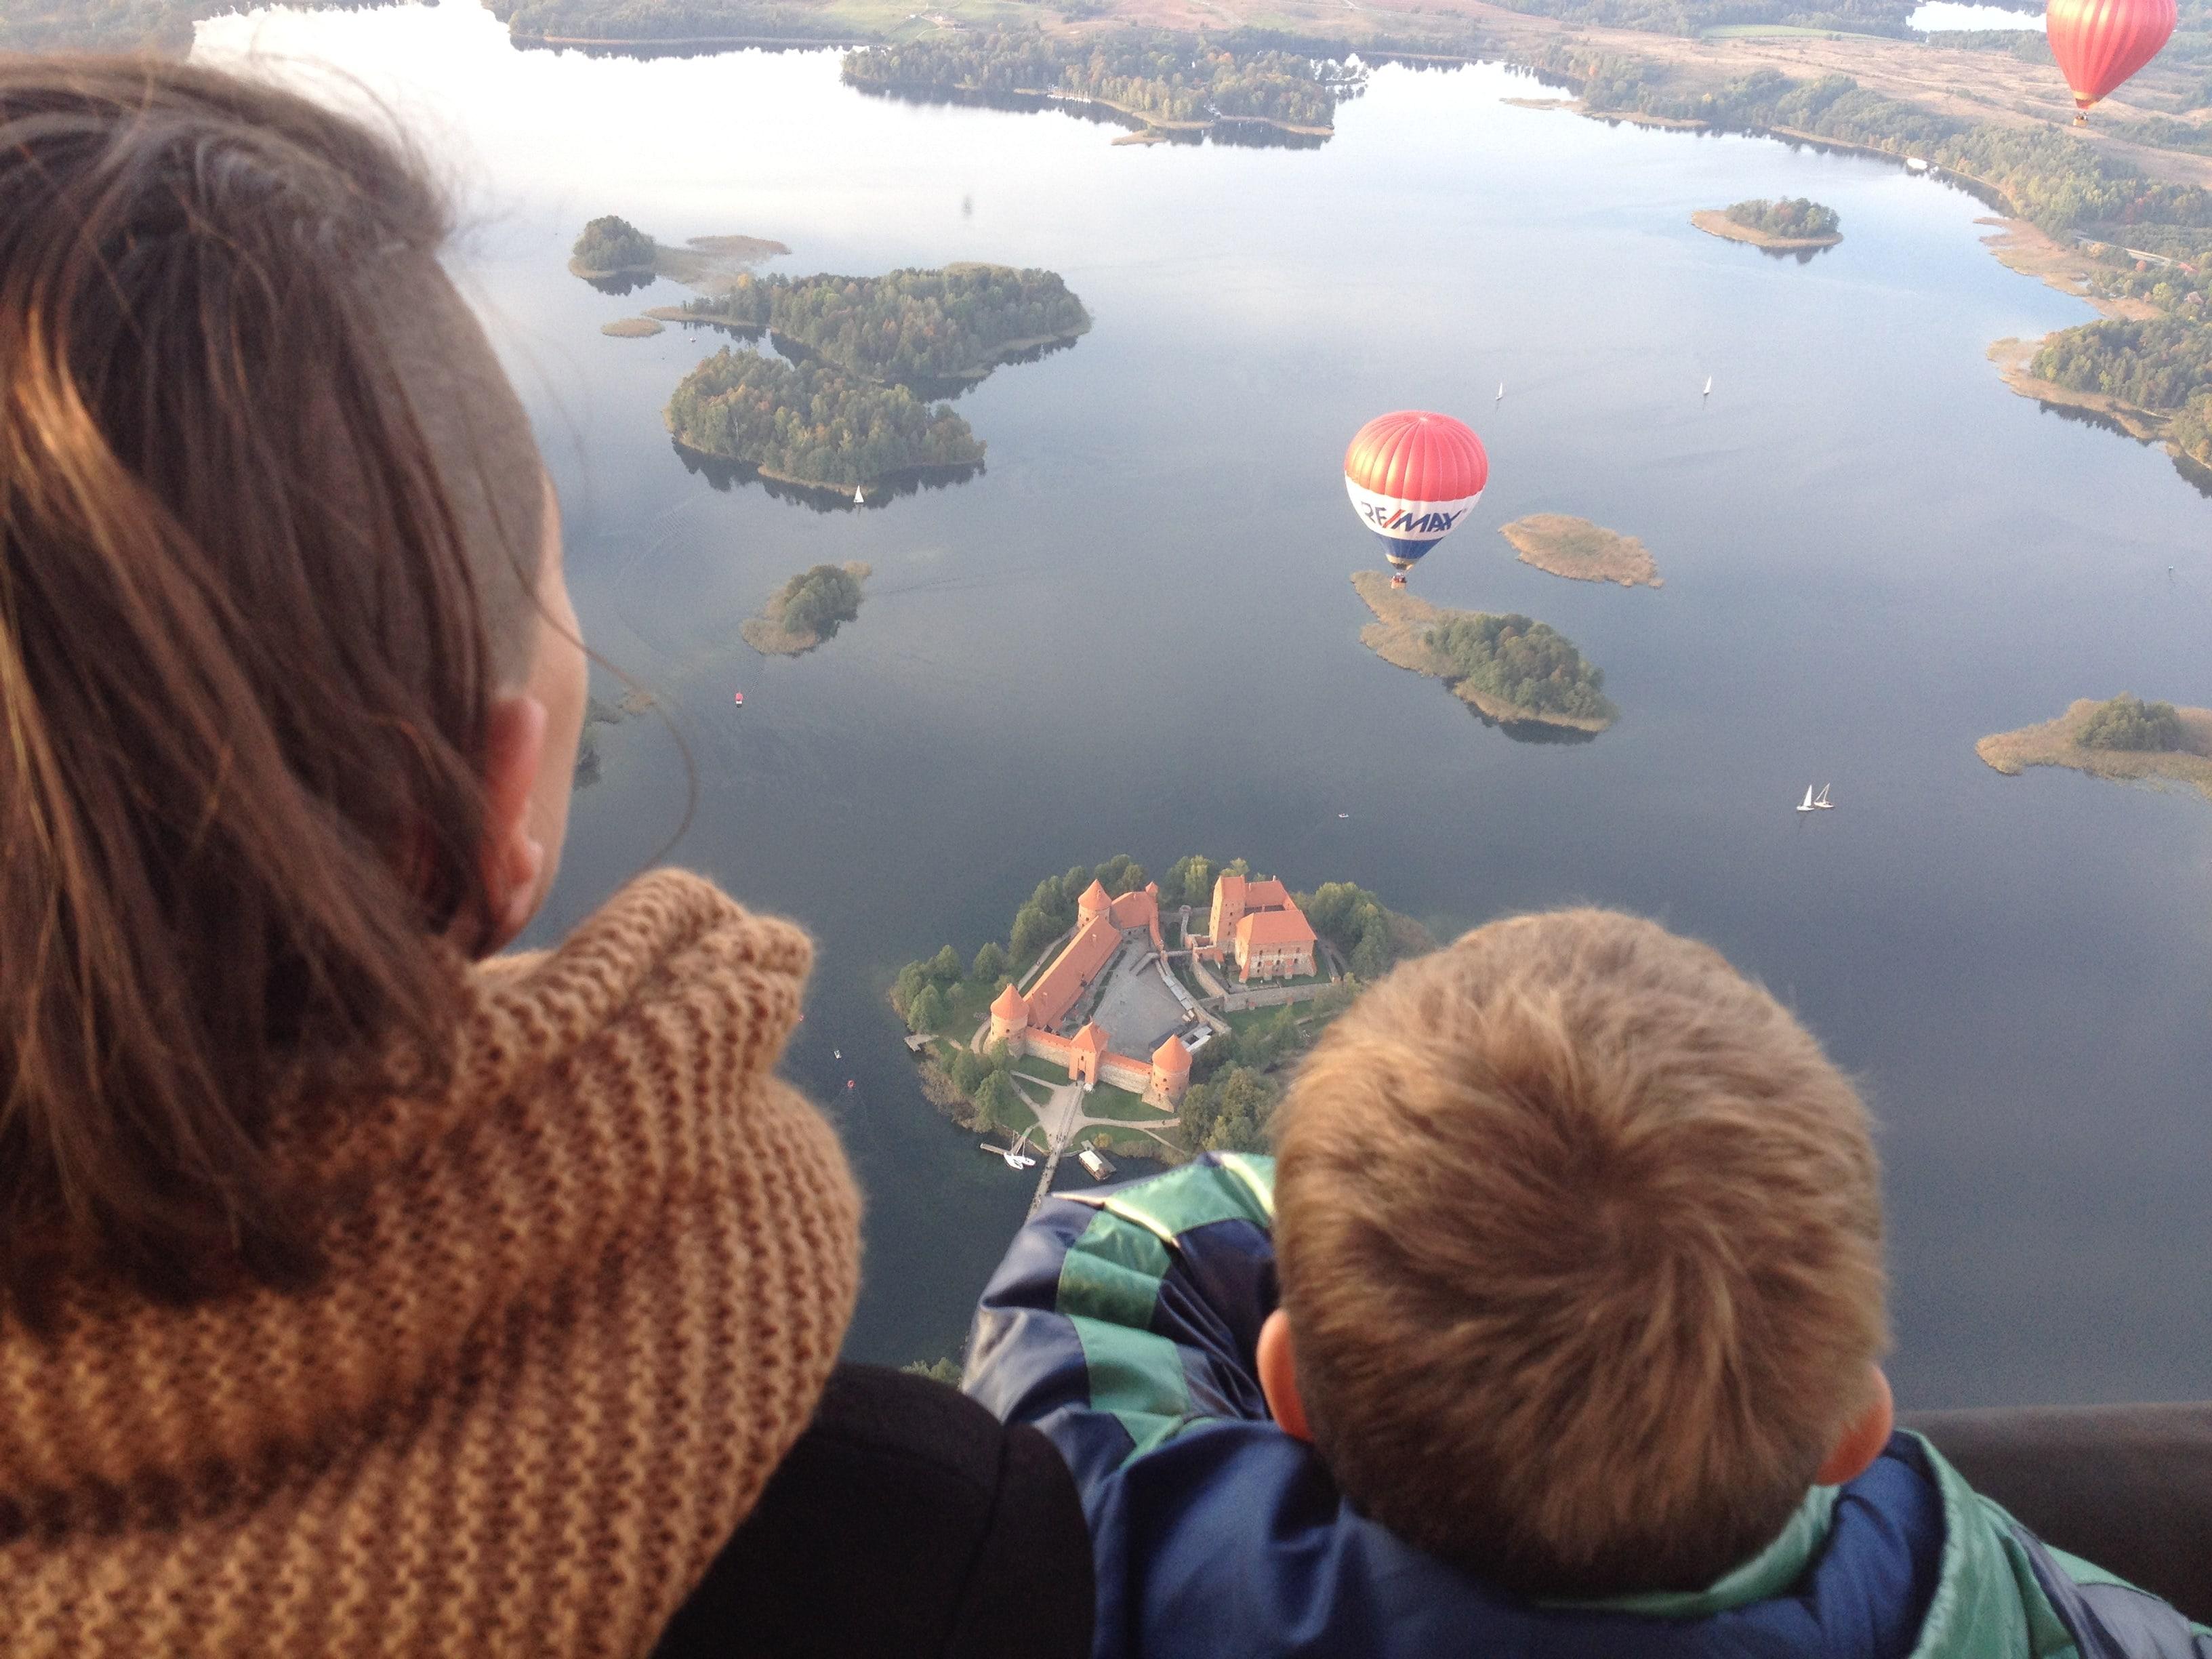 полет на воздушном шаре над замком в Литве